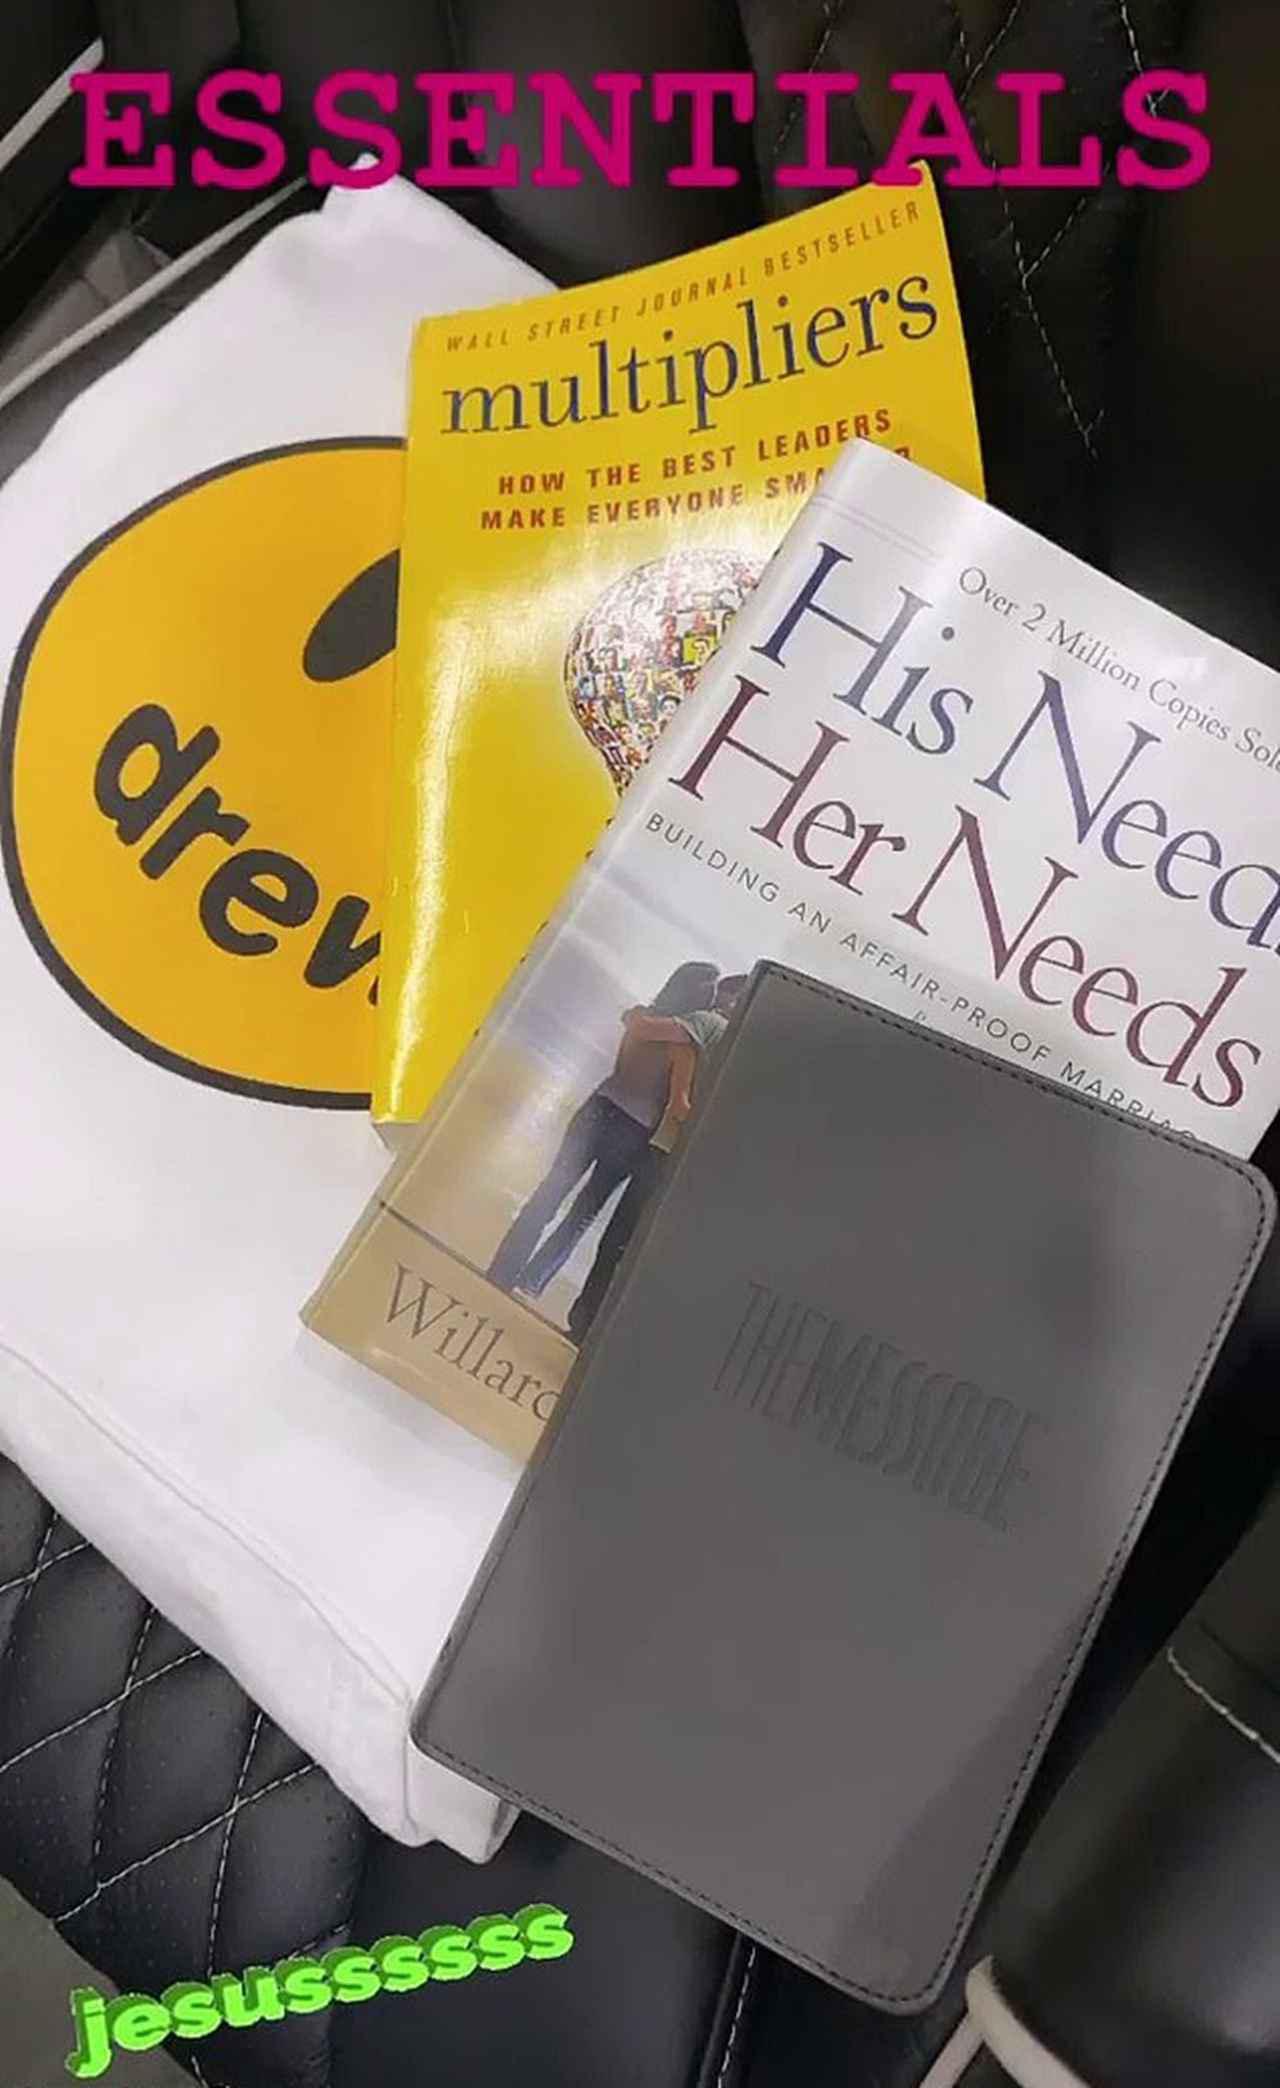 画像: 奥にあるもう1冊の本はリズ・ワイズマン氏の著書『 Multipliers: How the Best Leaders Make Everyone Smarter』というビジネス書で、手前にある黒いブックカバーがかかった方は、敬虔なキリスト教徒で知られるジャスティンらしく「聖書」とのこと。